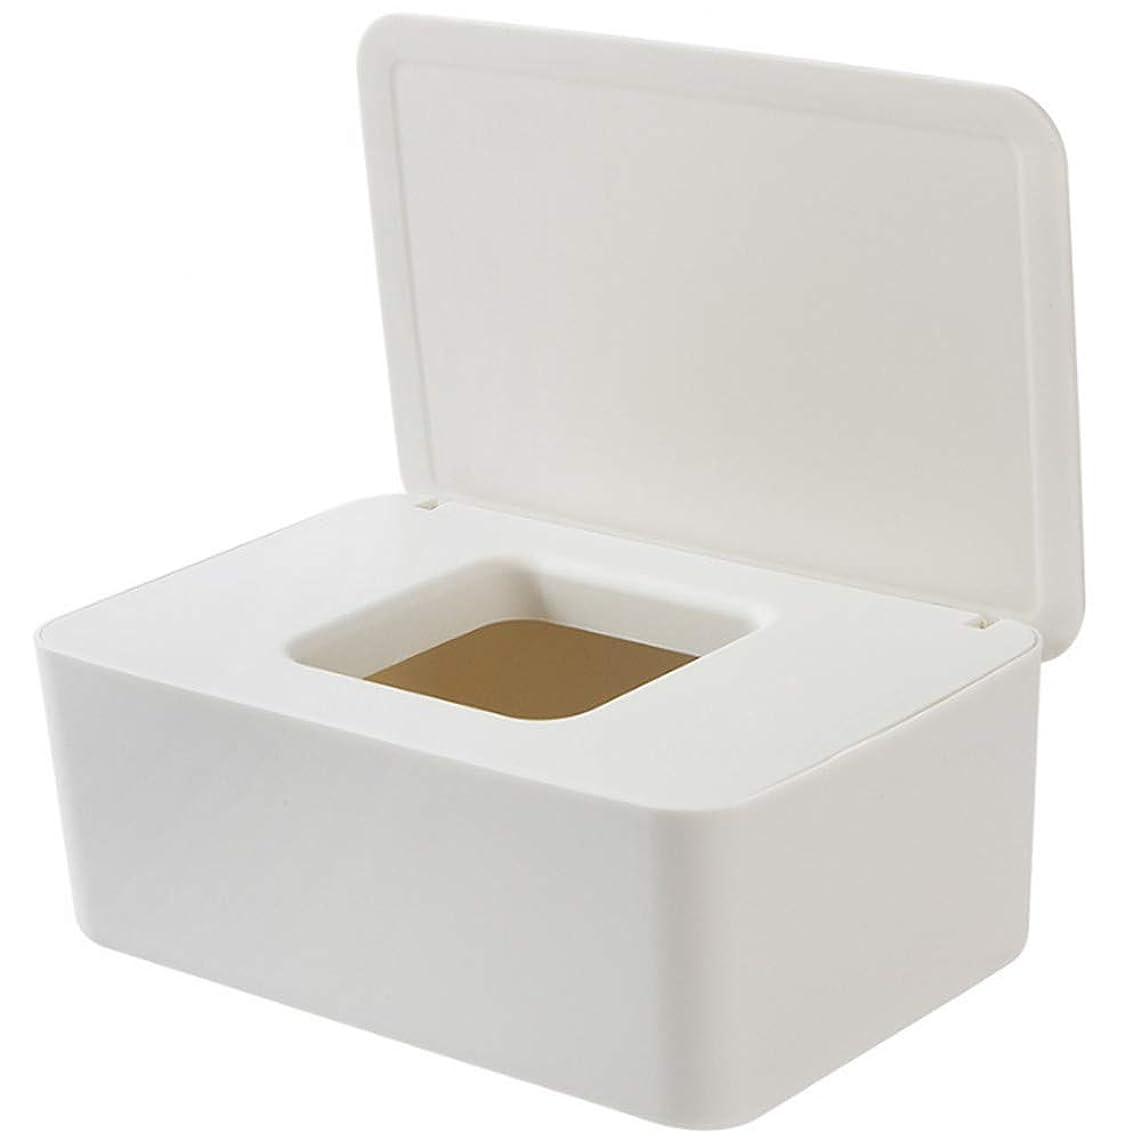 熟達した原理の配列透明化粧品収納ボックスポータブル化粧箱ドレッシングテーブルデスクトップ収納口紅スキンケアジュエリー仕上げボックス